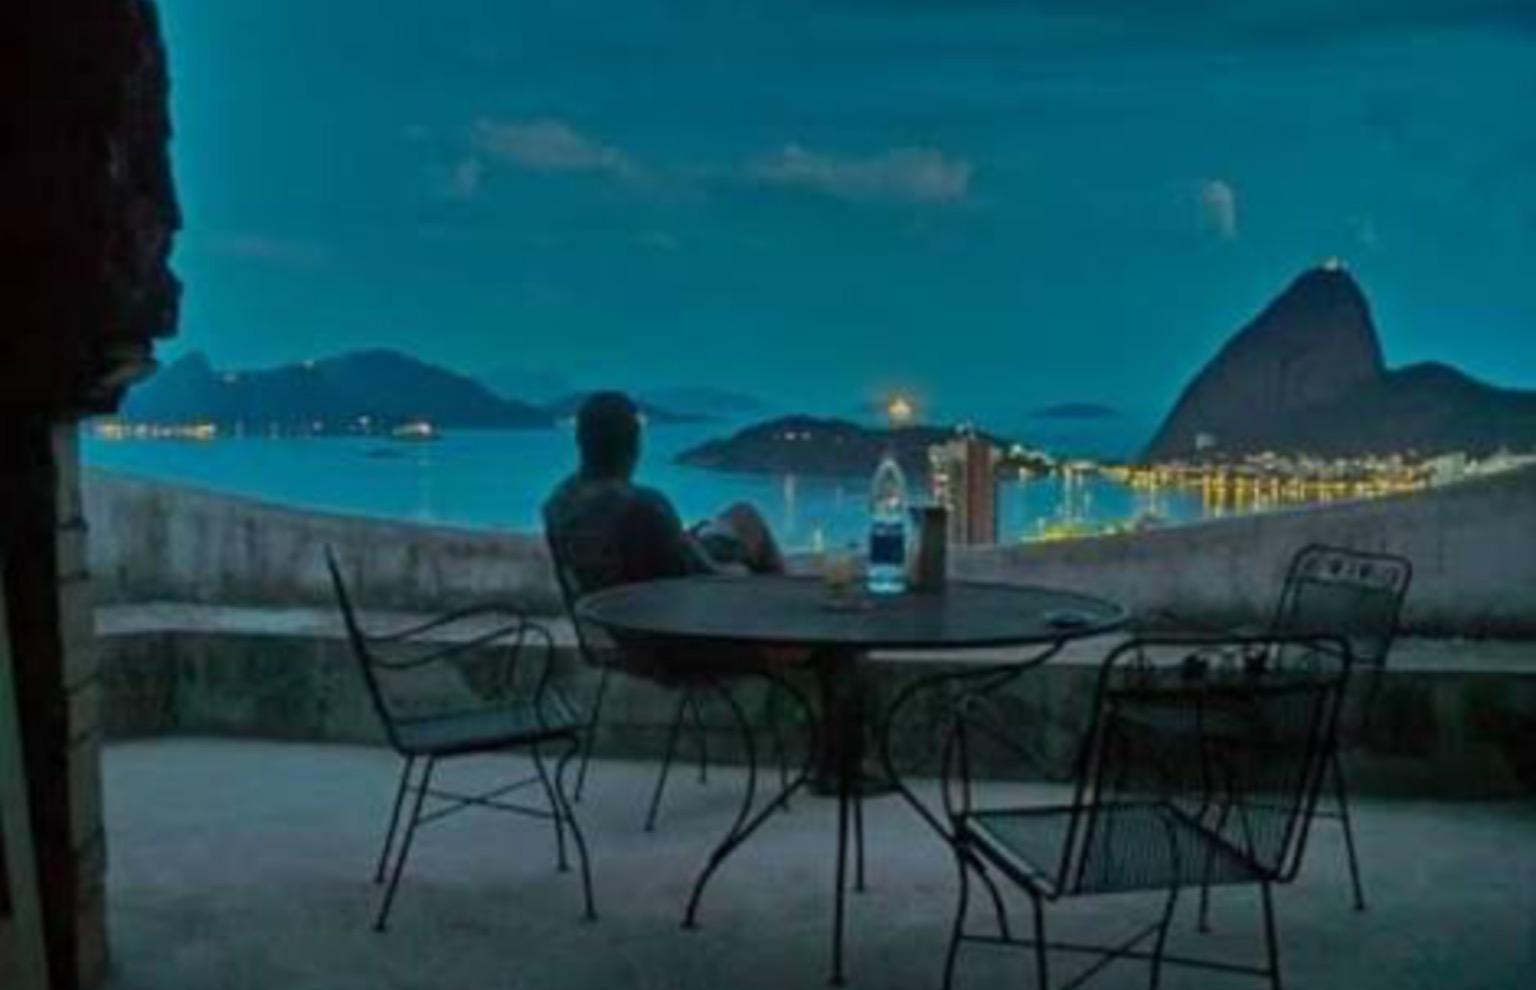 Noches de bohemia carioca. ~ Cariocan nights.